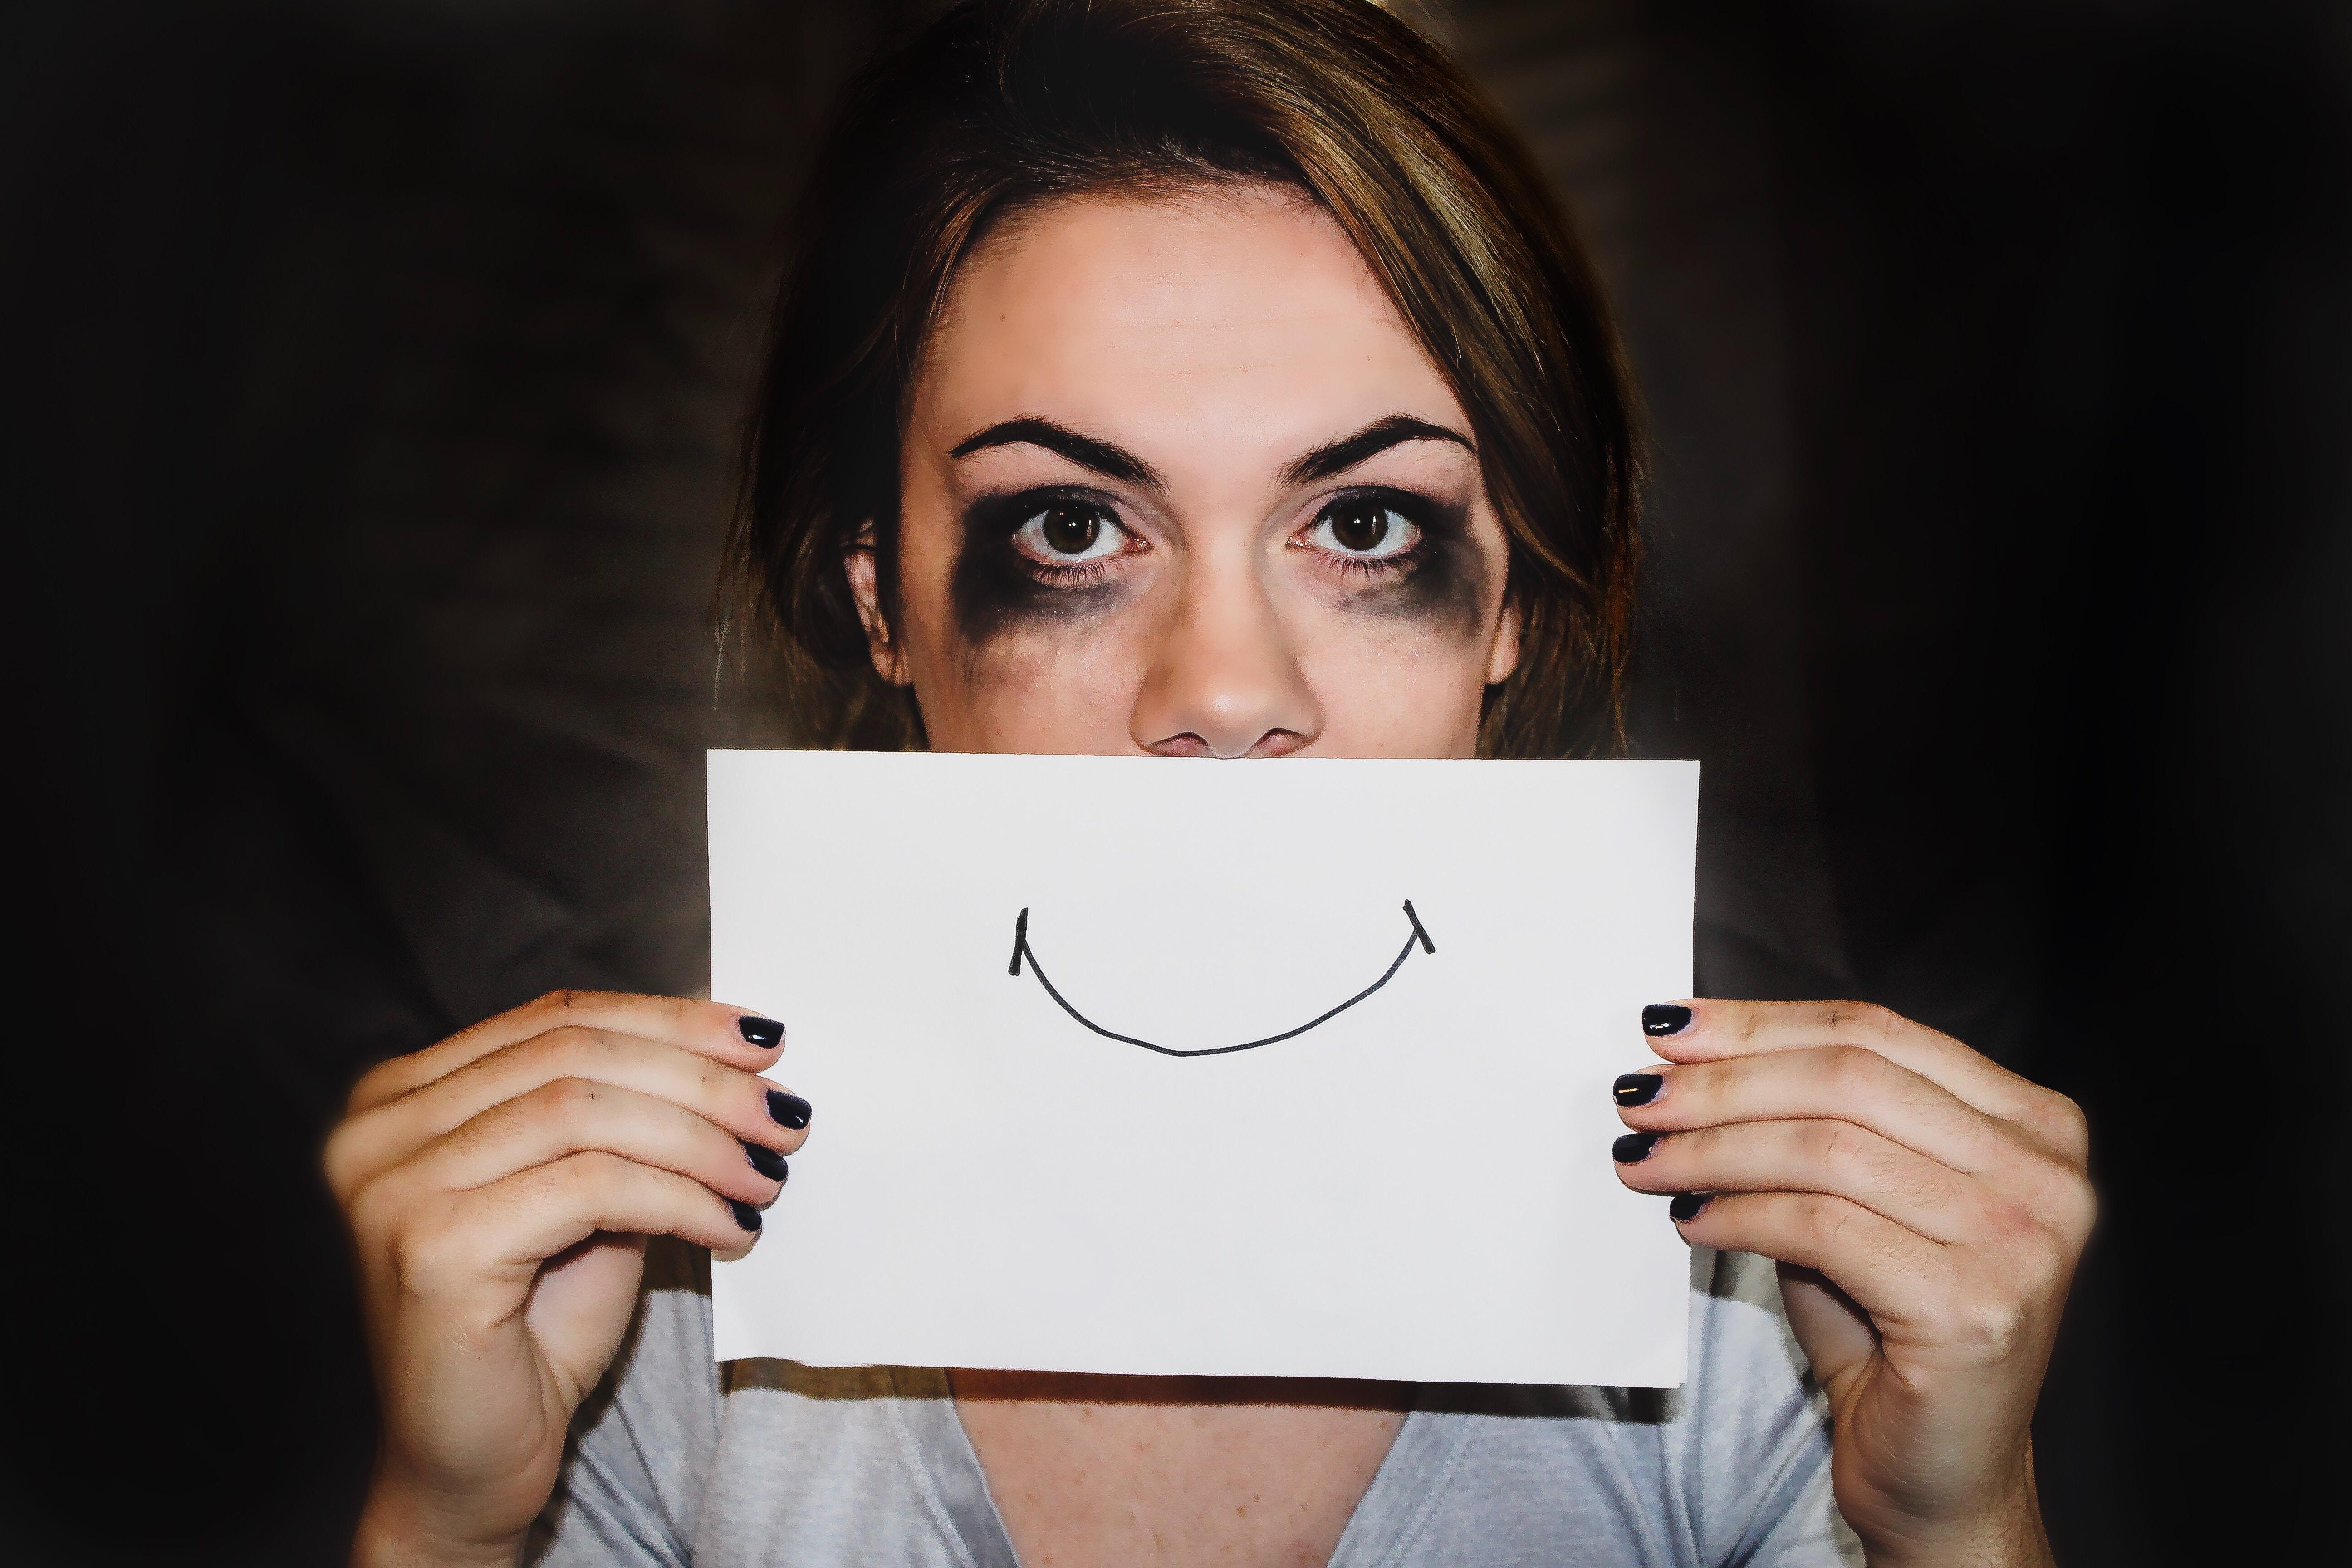 Что мешает мыслить позитивно?